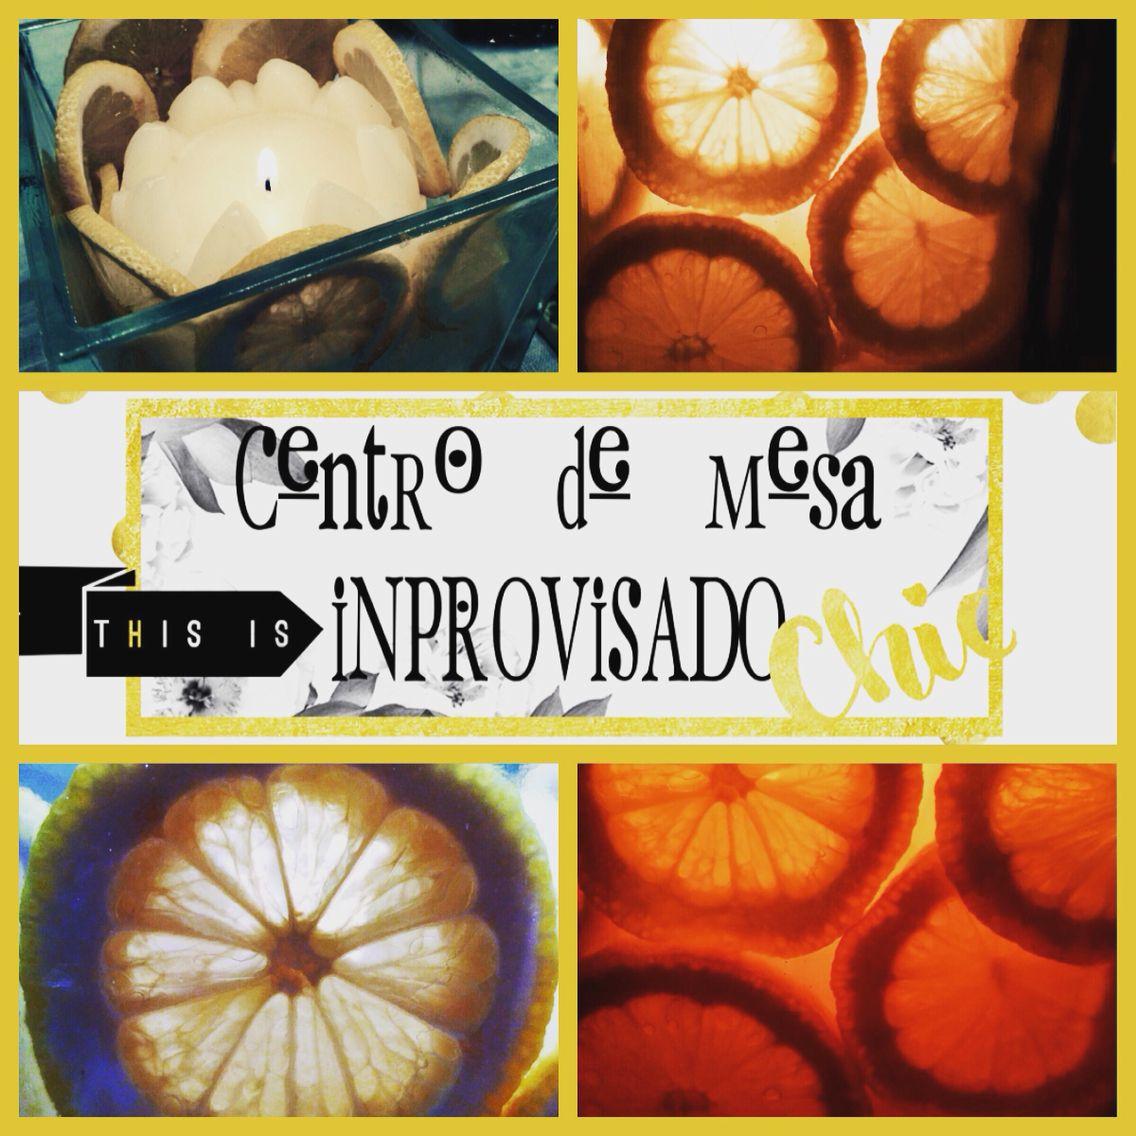 Centro de mesa  http://bealage-unrinconparamiscosas.blogspot.com/2015/11/centro-de-mesa-improvisado.html